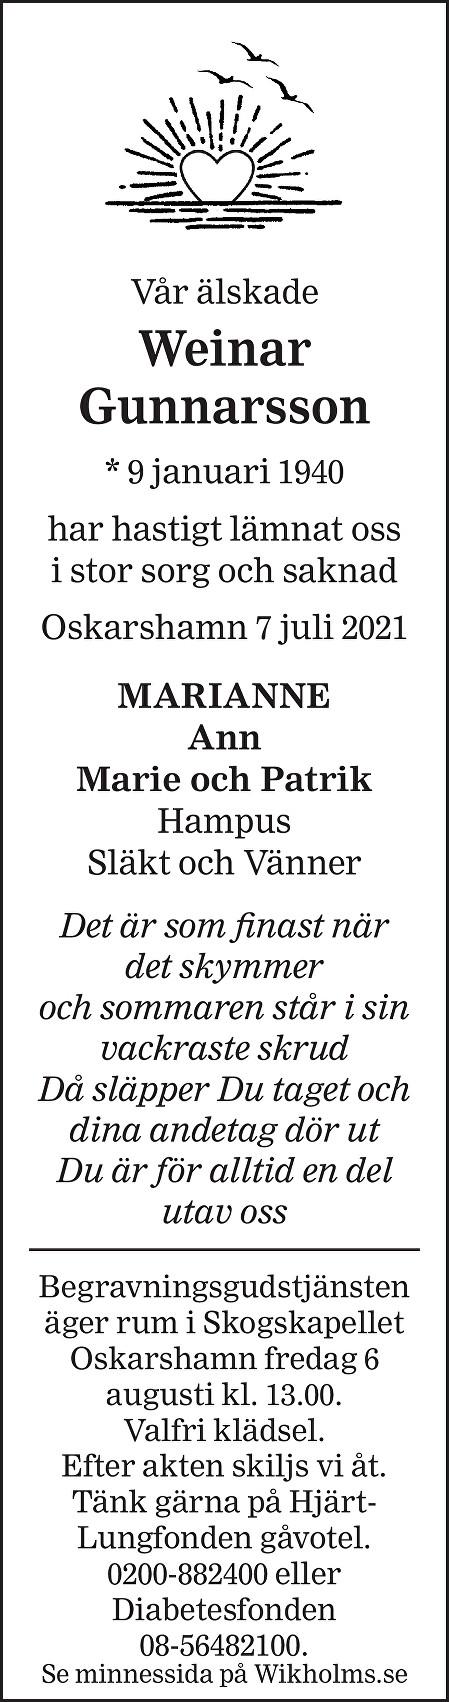 Weinar Gunnarsson Death notice